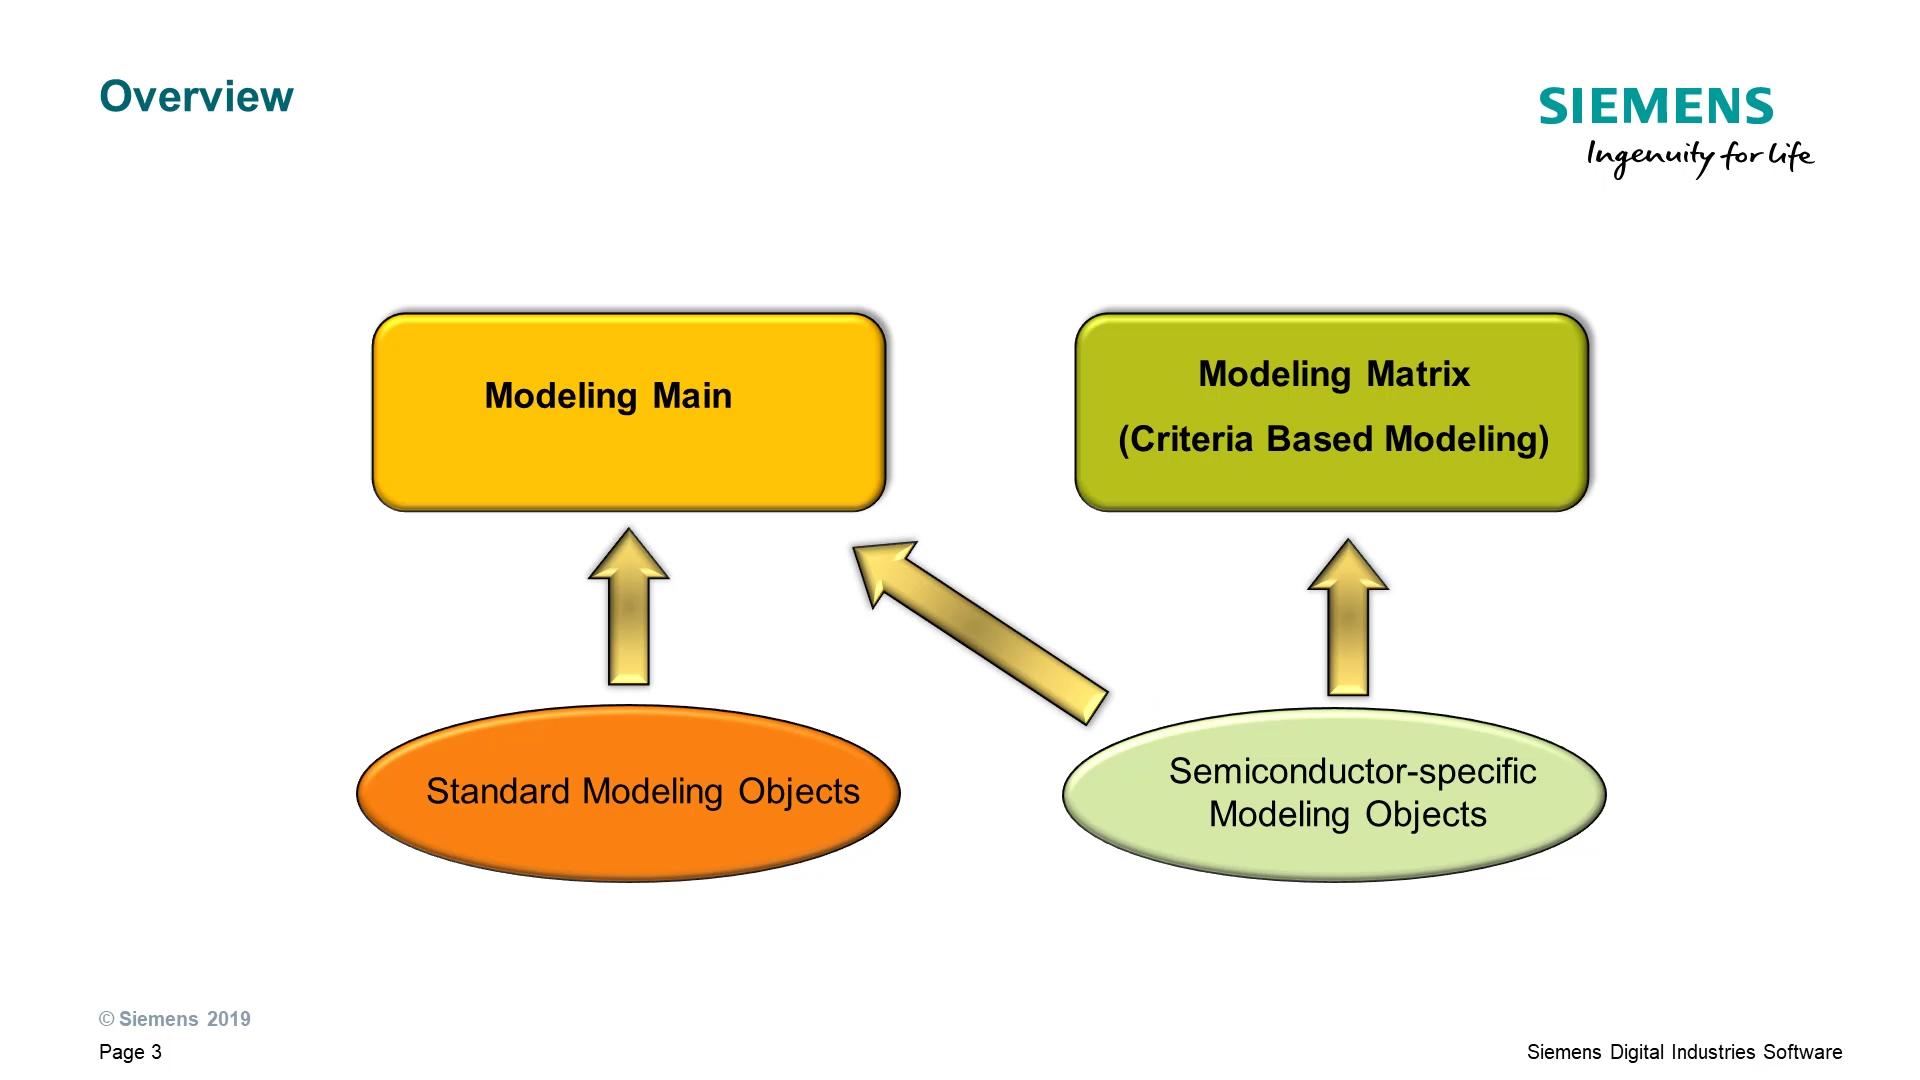 Modeling Main Vs Modeling Matrix cover image